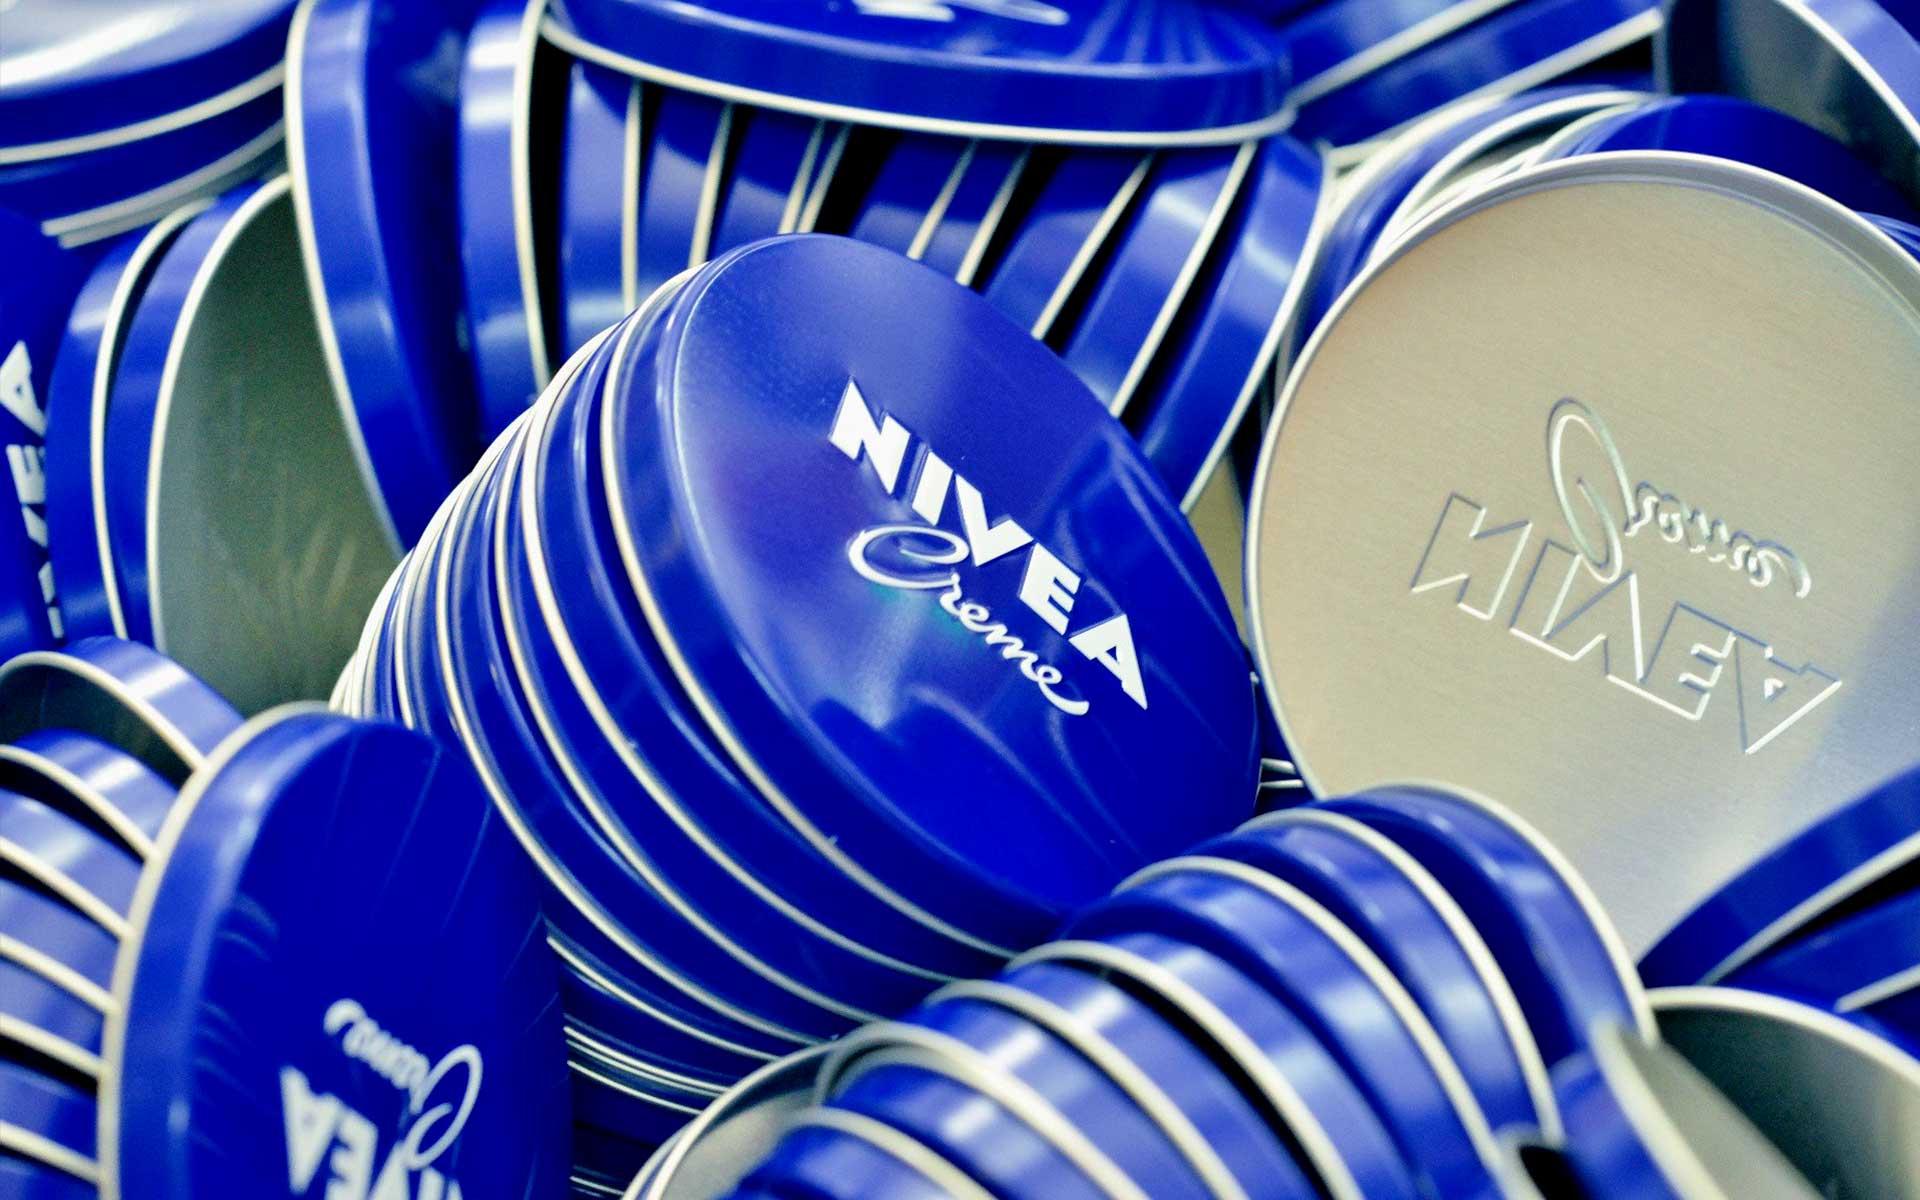 Herstellung der NIVEA Creme